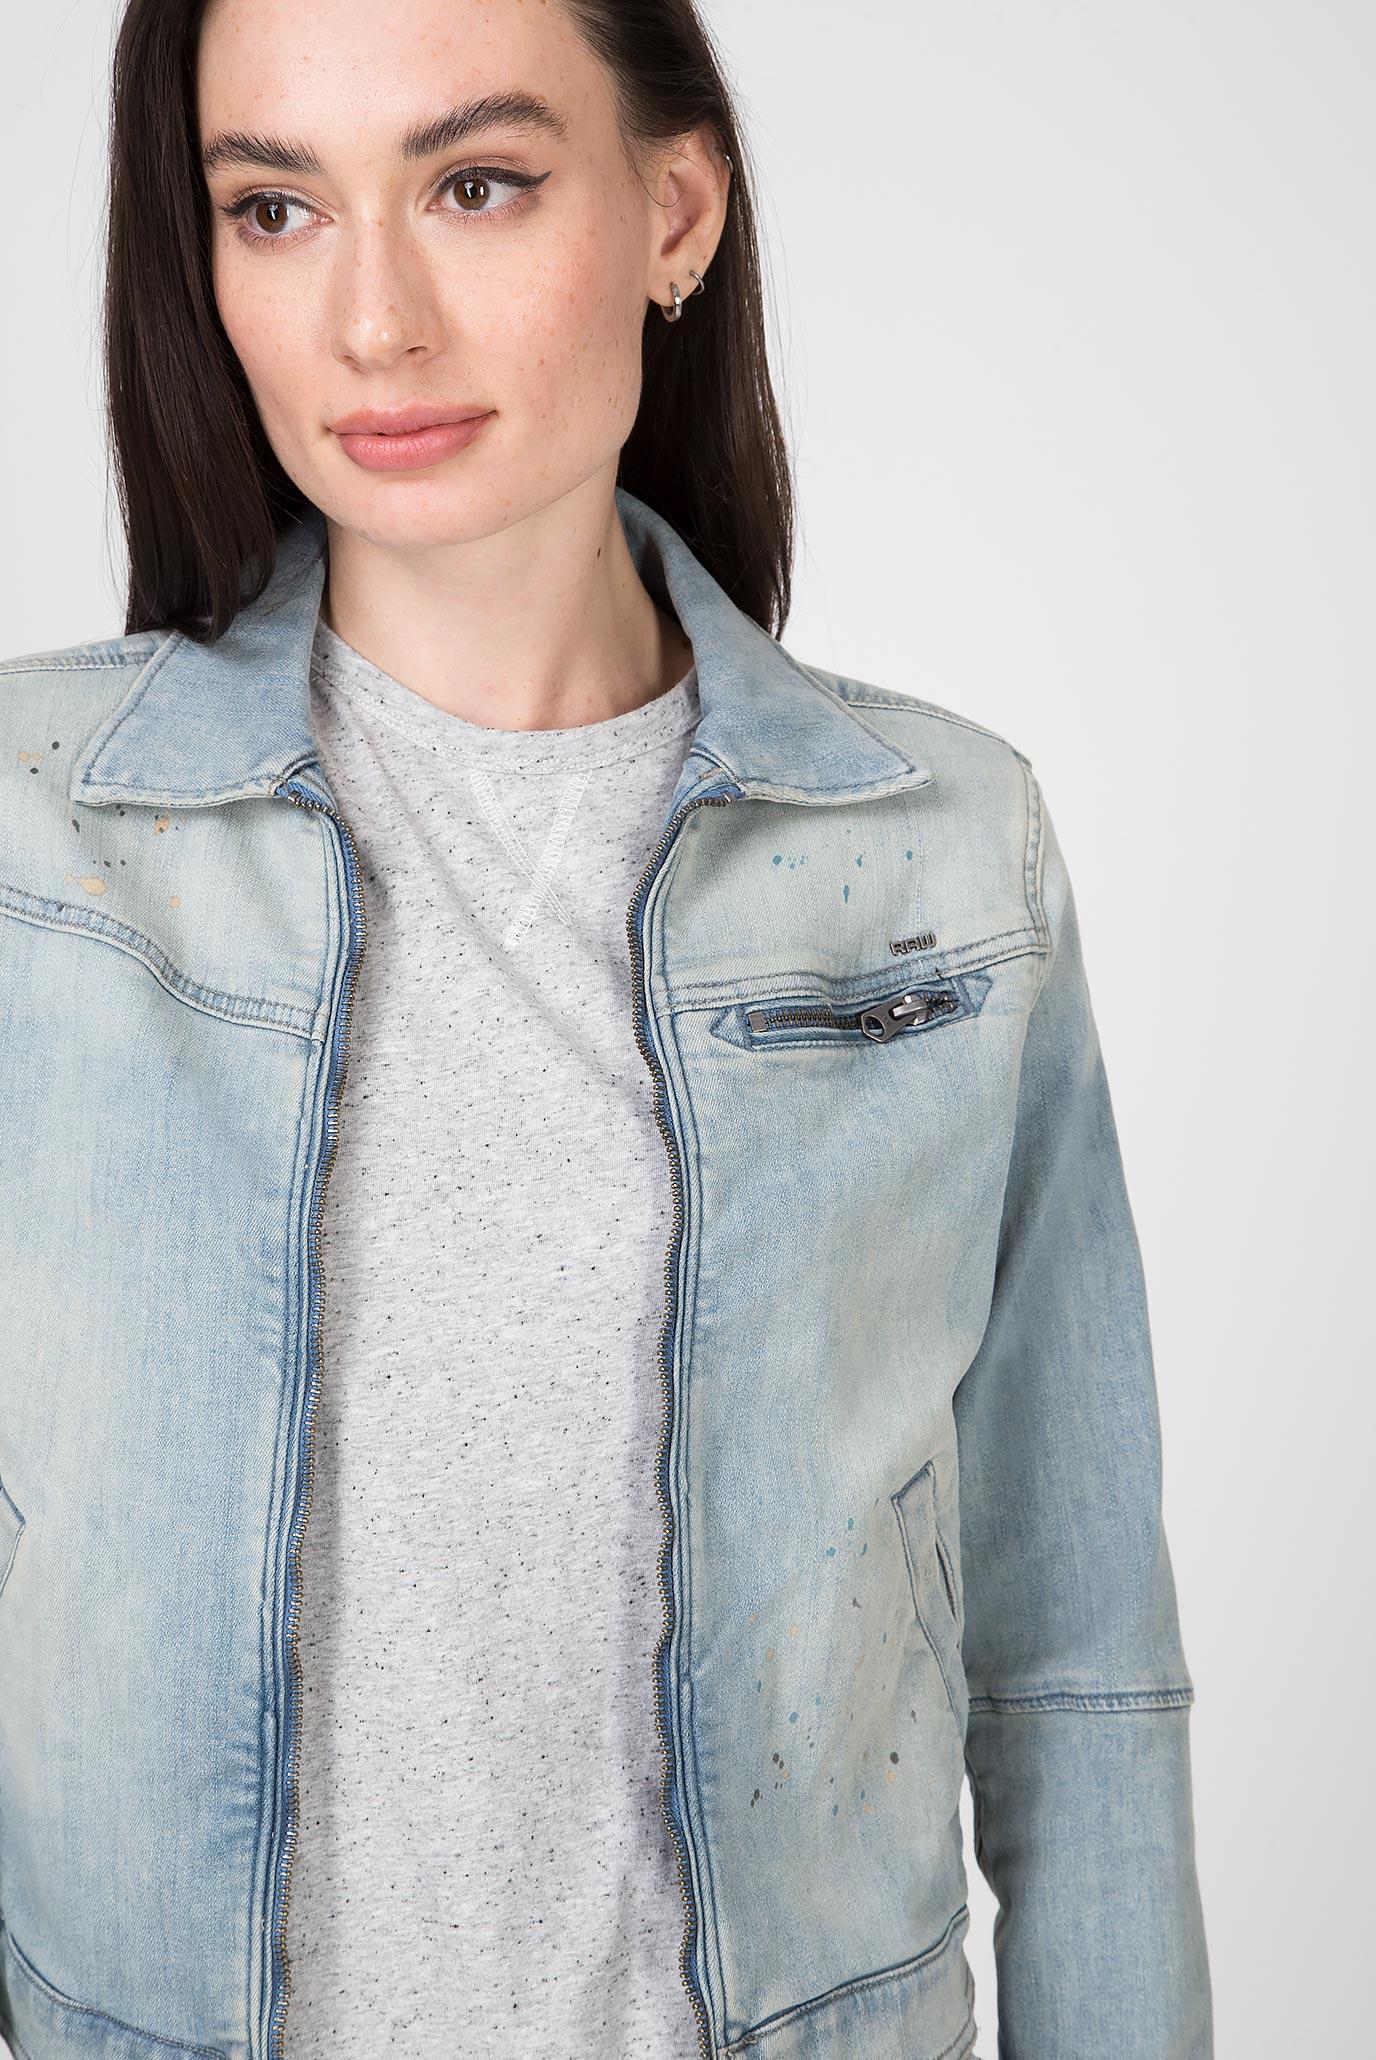 Женская голубая джинсовая куртка 5621 Slim Jkt G-Star RAW